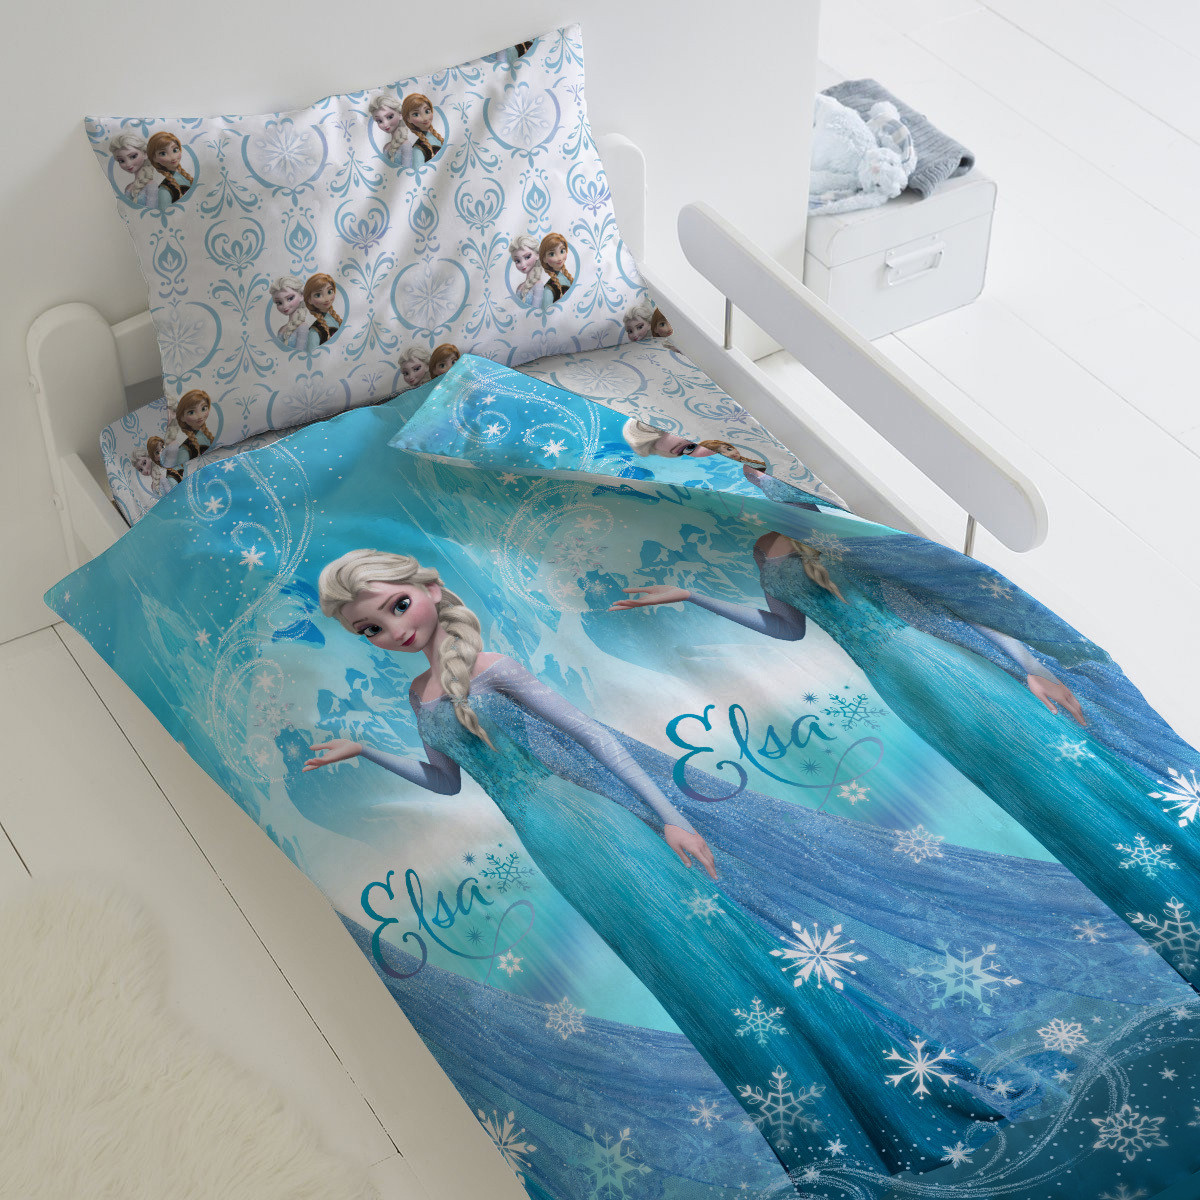 HOMY Комплект постельного белья   Эльза,  HOMY  1.5 спальный